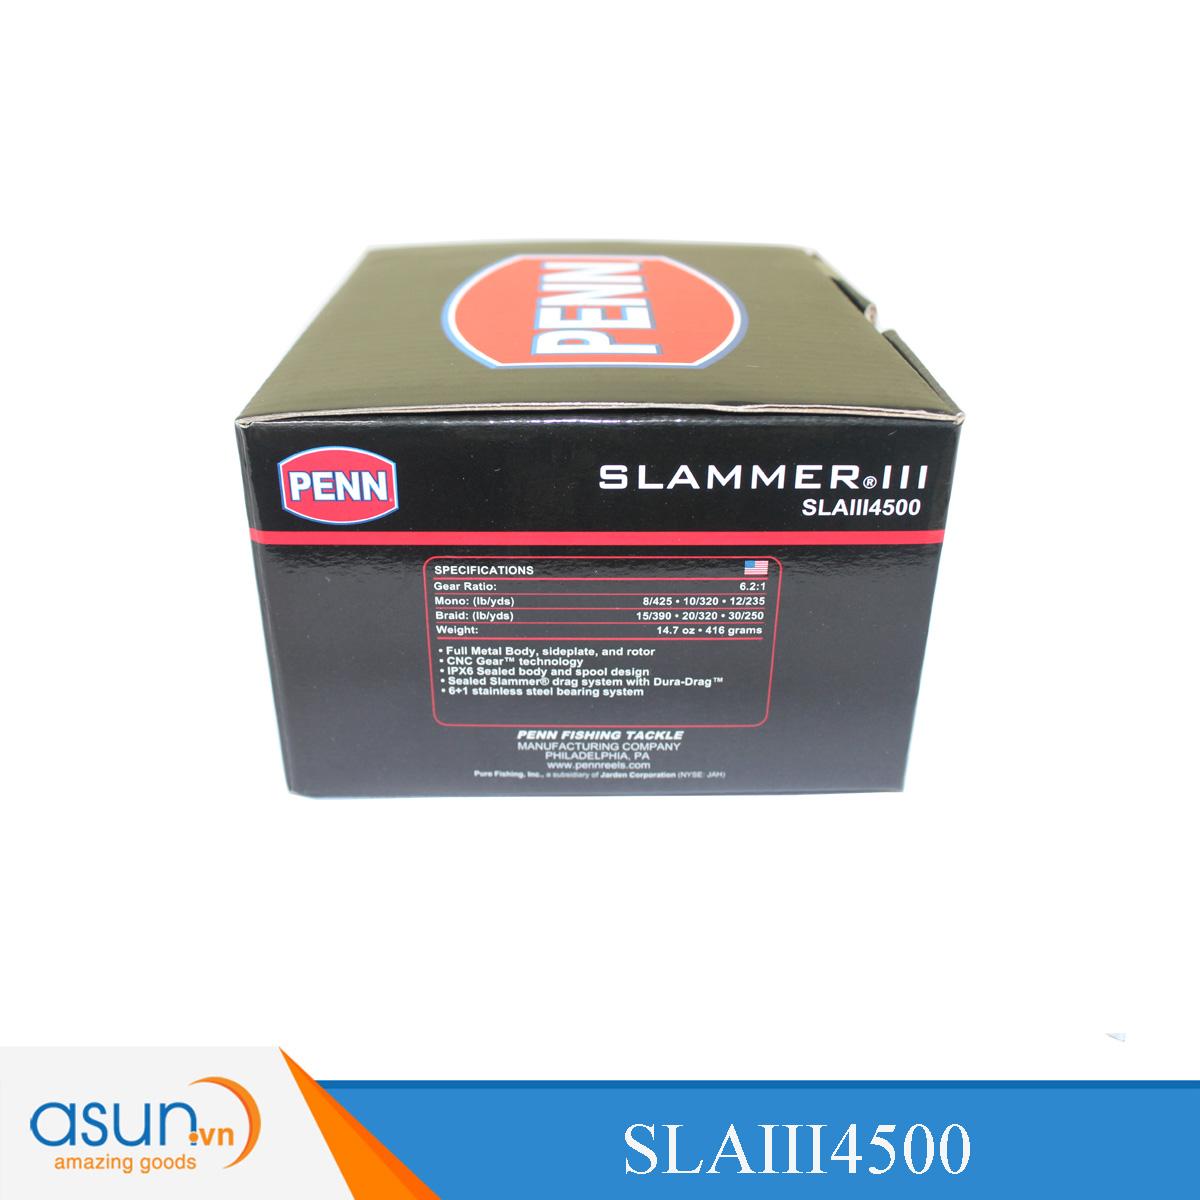 Máy Câu Đứng Penn Slammer III 4500 - SLAIII4500 - Chính Hãng BH 1 Năm